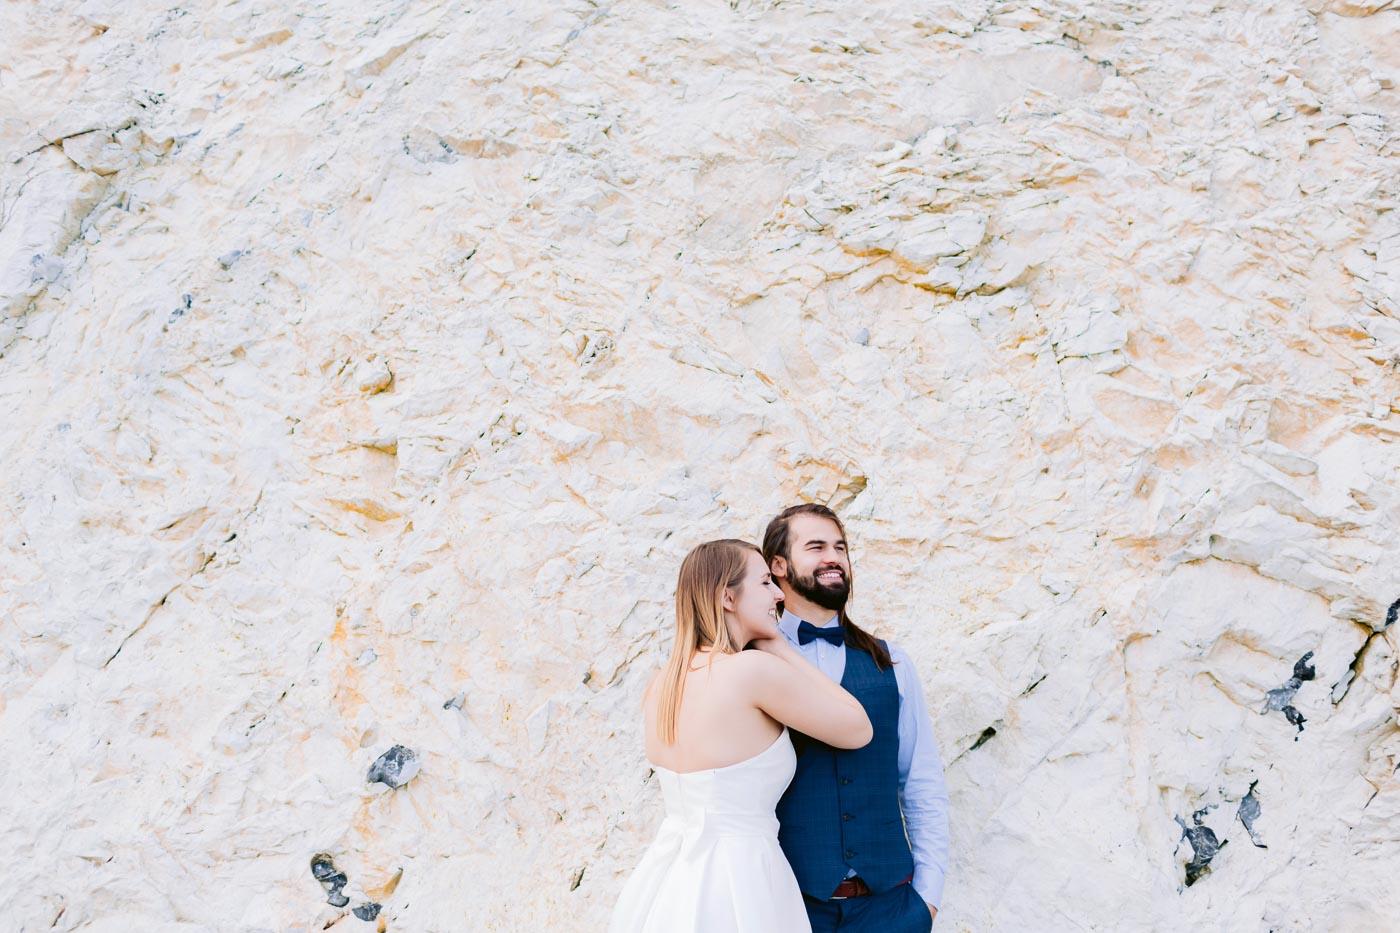 sesja ślubna za granicą nad morzem